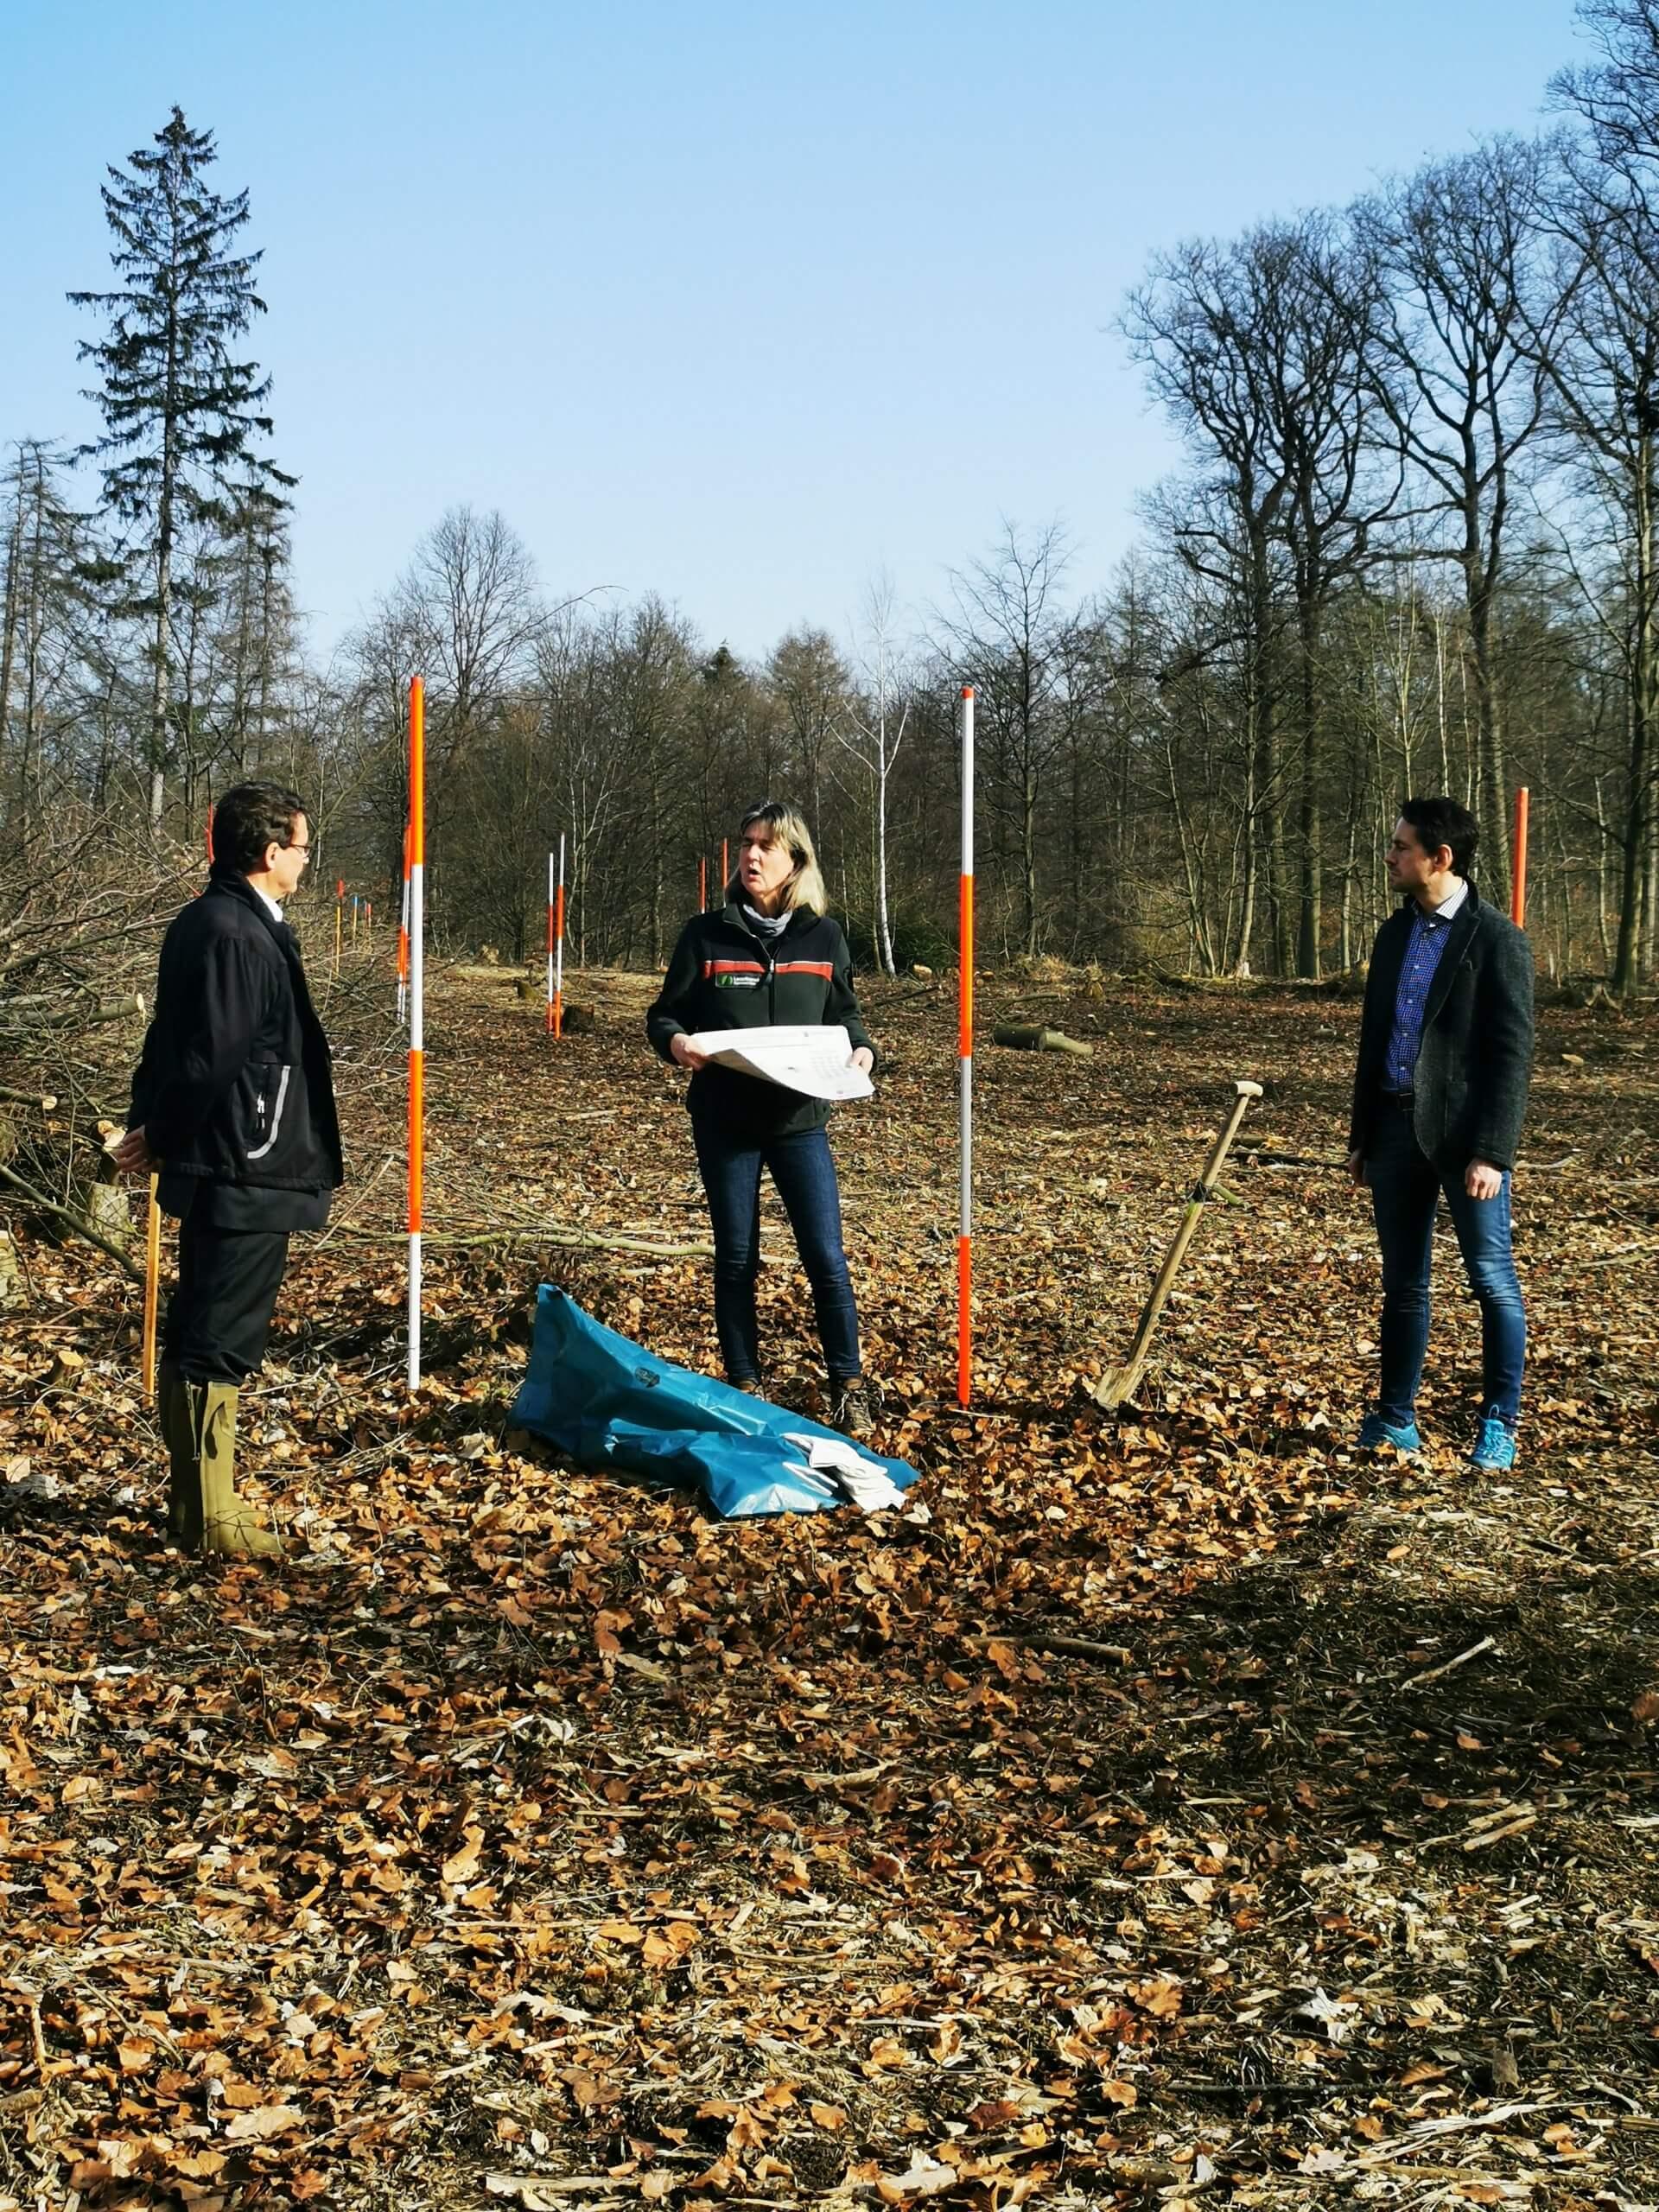 Forstamtsleiterin Carmen Barth (Mitte) erklärt Vorstandsvorsitzendem der Sparkasse Matthias Nester (links) und OB David Langner (rechts), wie sich der Klimawandel auf den Stadtwald Koblenz ausgewirkt hat.